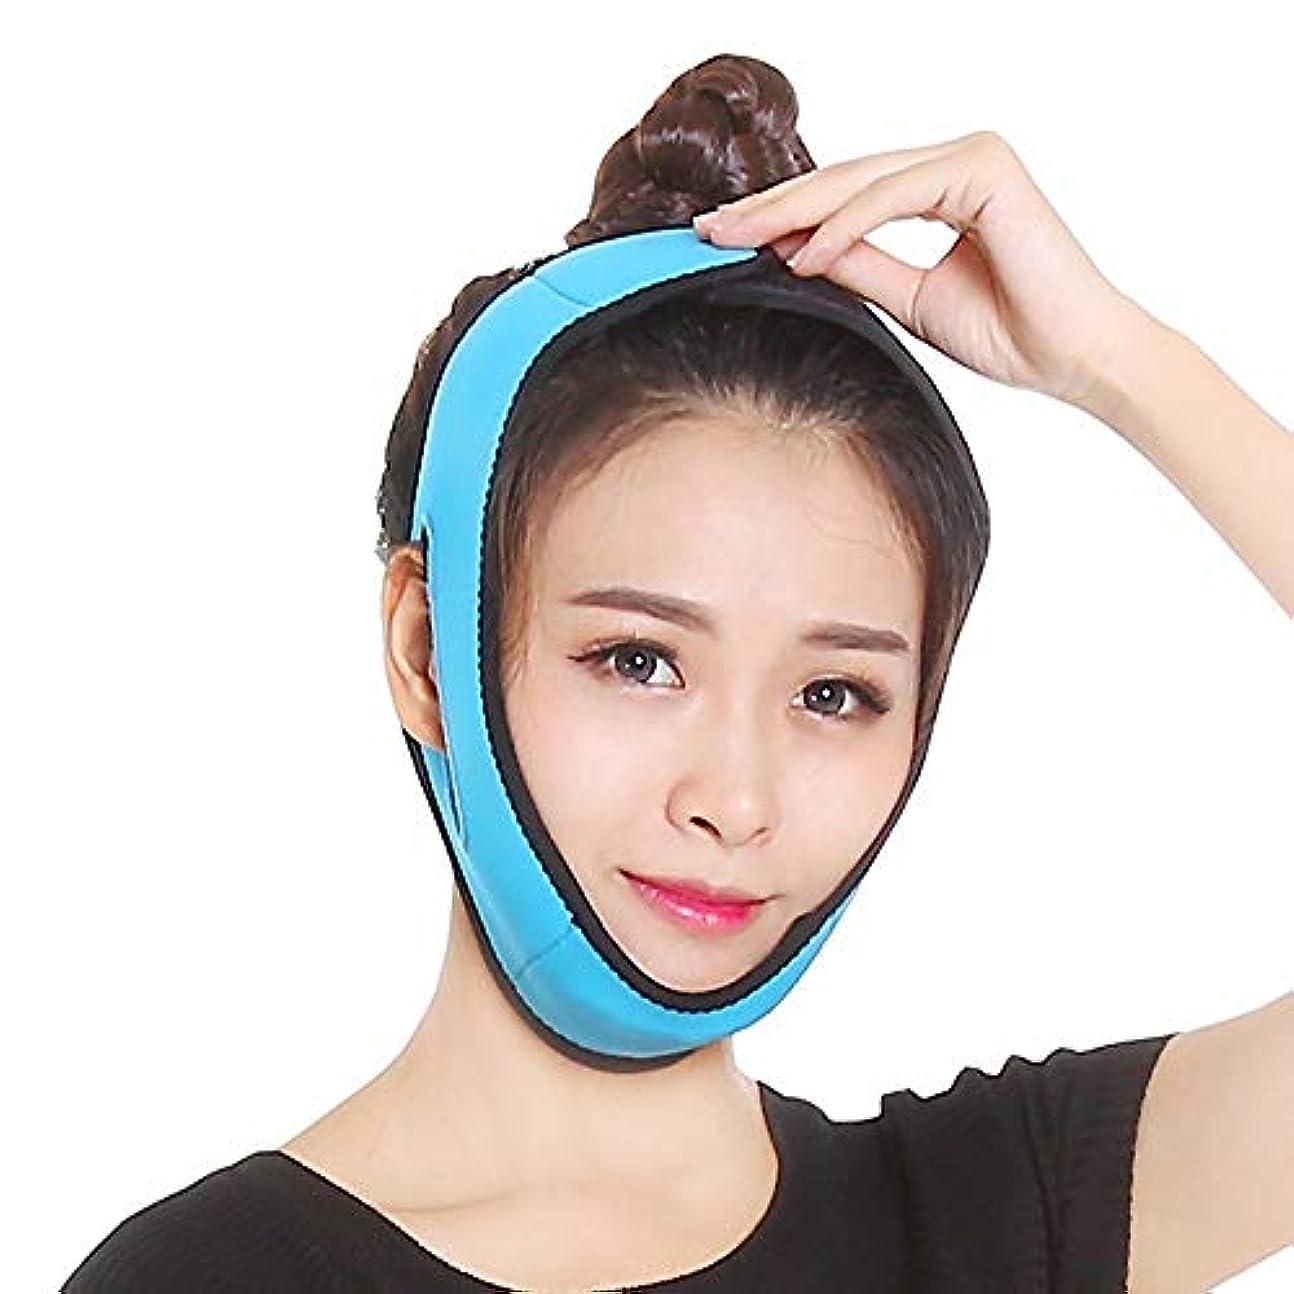 支配的敏感な積極的に薄い顔のベルト - 薄い顔のツール薄い顔のベルト通気性のラテックスのマッサージV型の顔のアーティファクトの顔の薄いマスク 美しさ